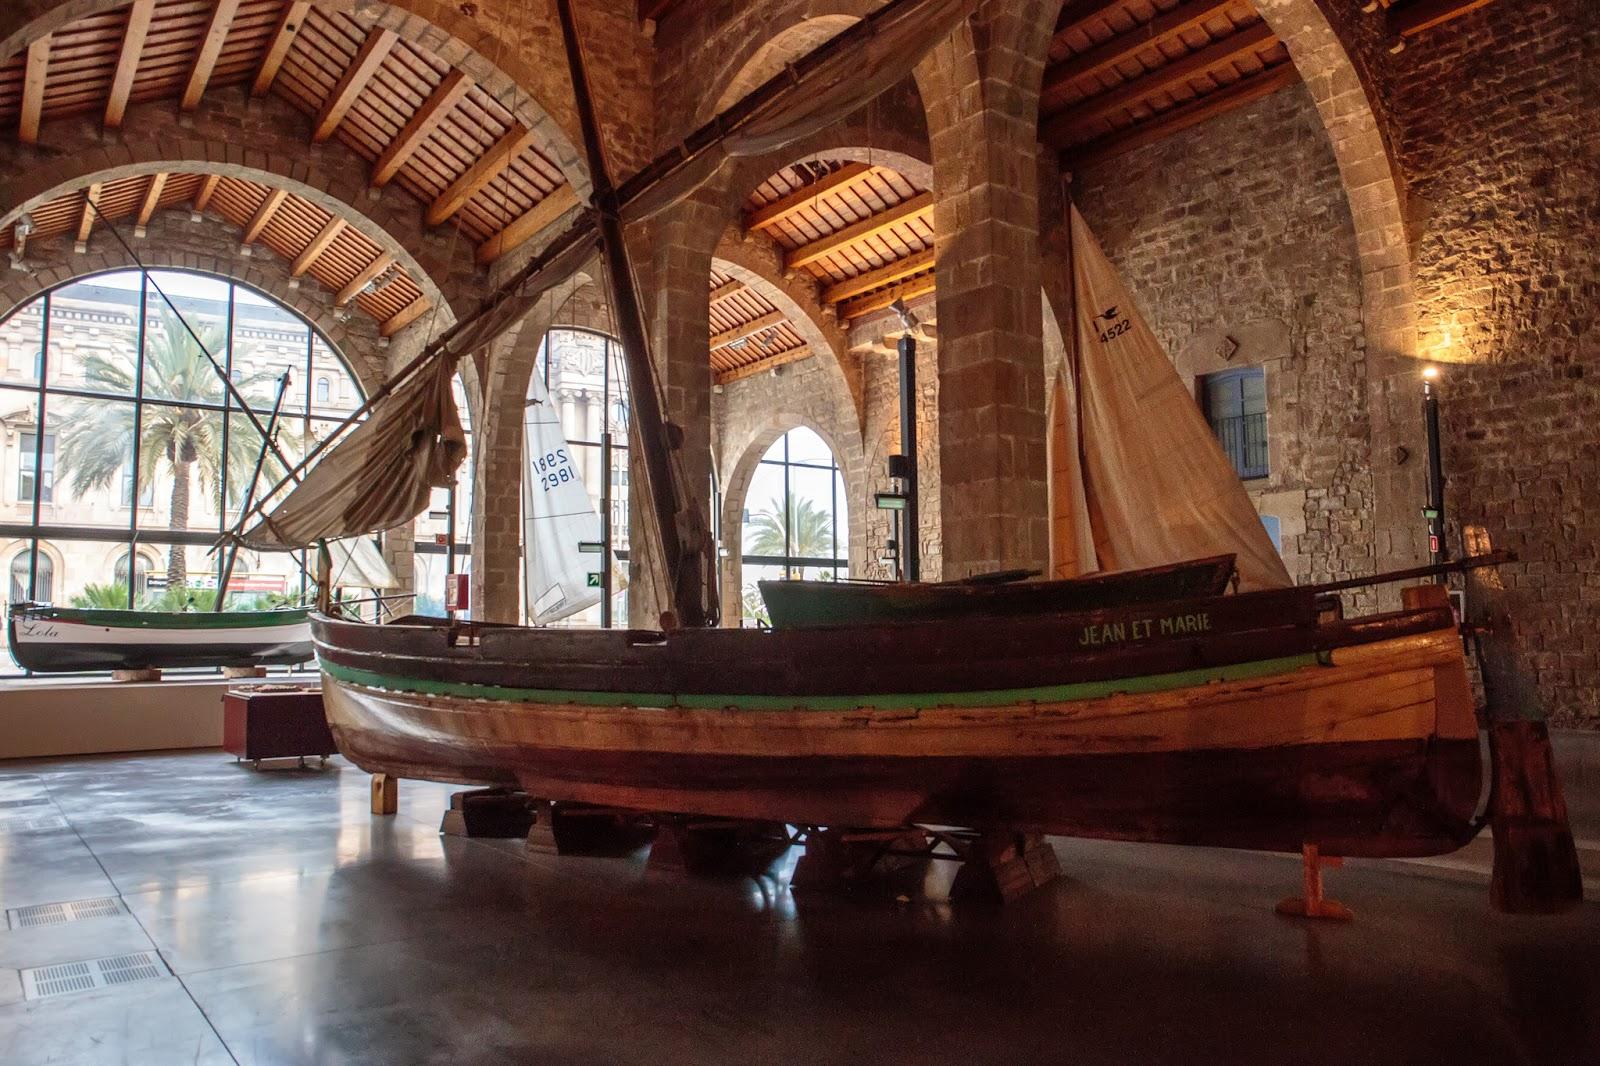 морской музей барселоны фото этой породы